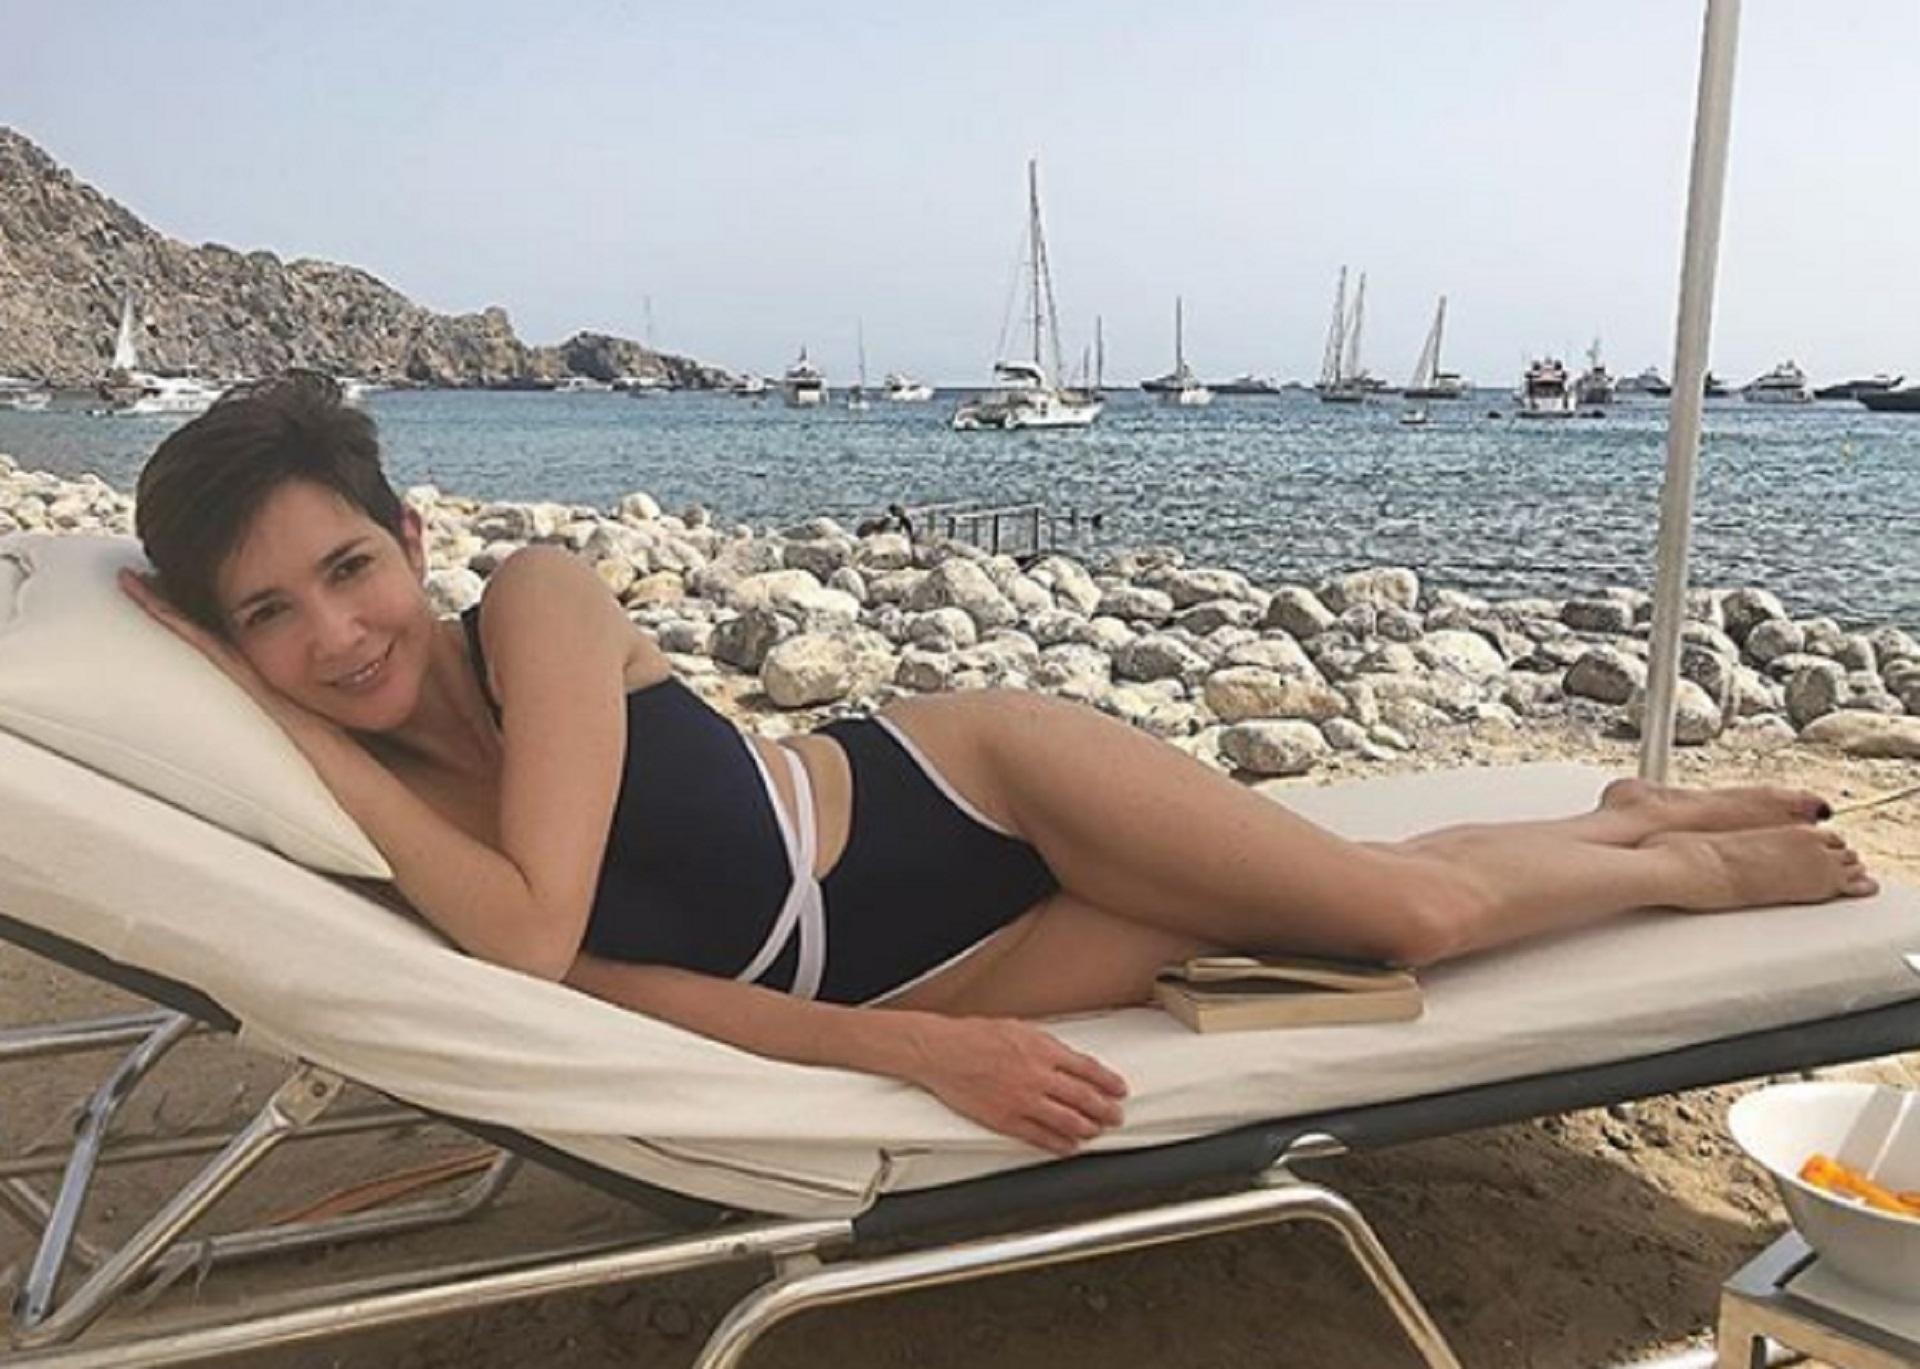 La conductora y periodista Cristina Pérez está disfrutando de unas vacaciones en las playas de Ibiza (Instagram)